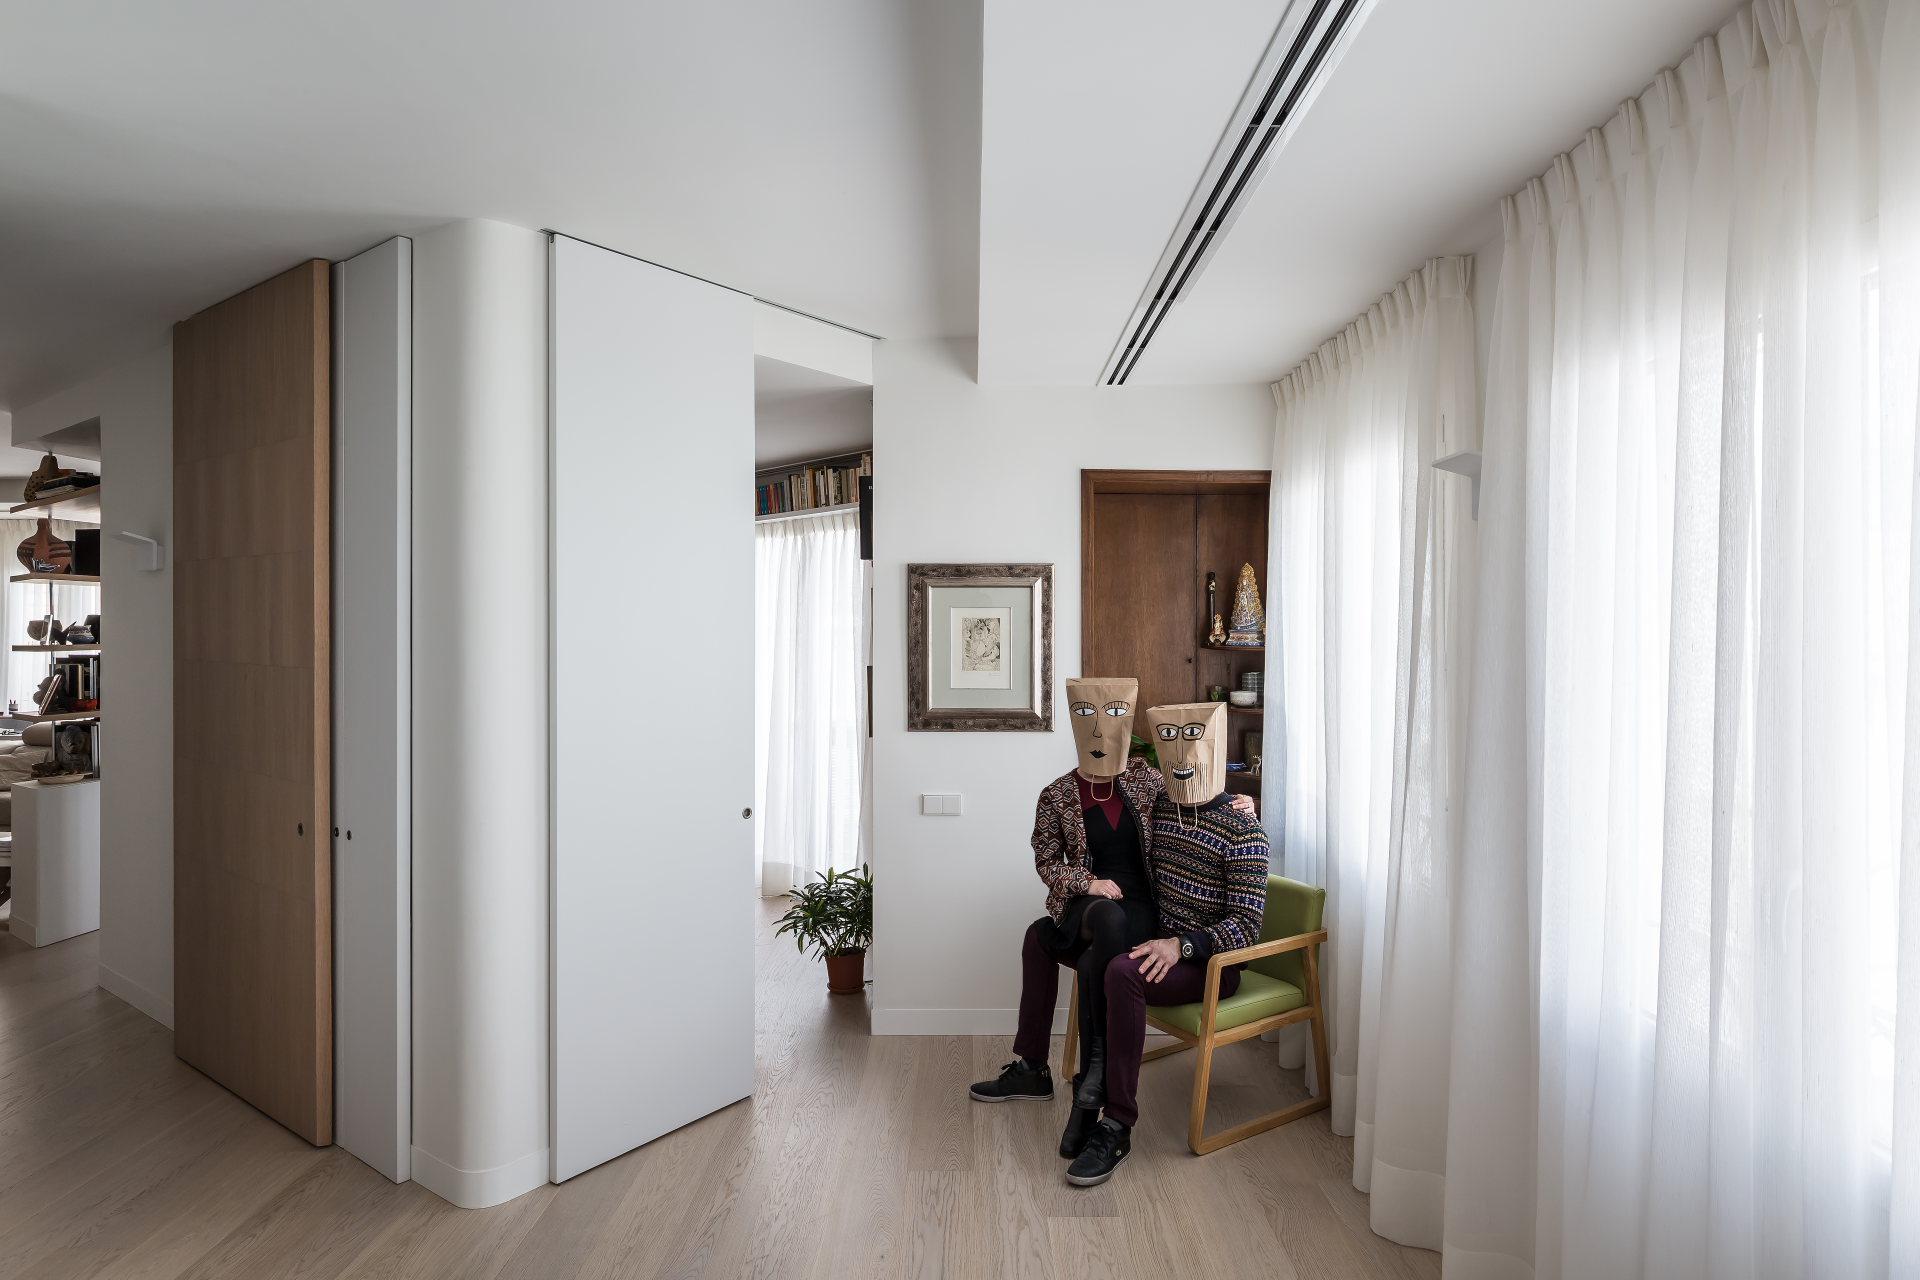 fotografia-arquitectura-valencia-german-cabo-selecta-home-alicante (14)